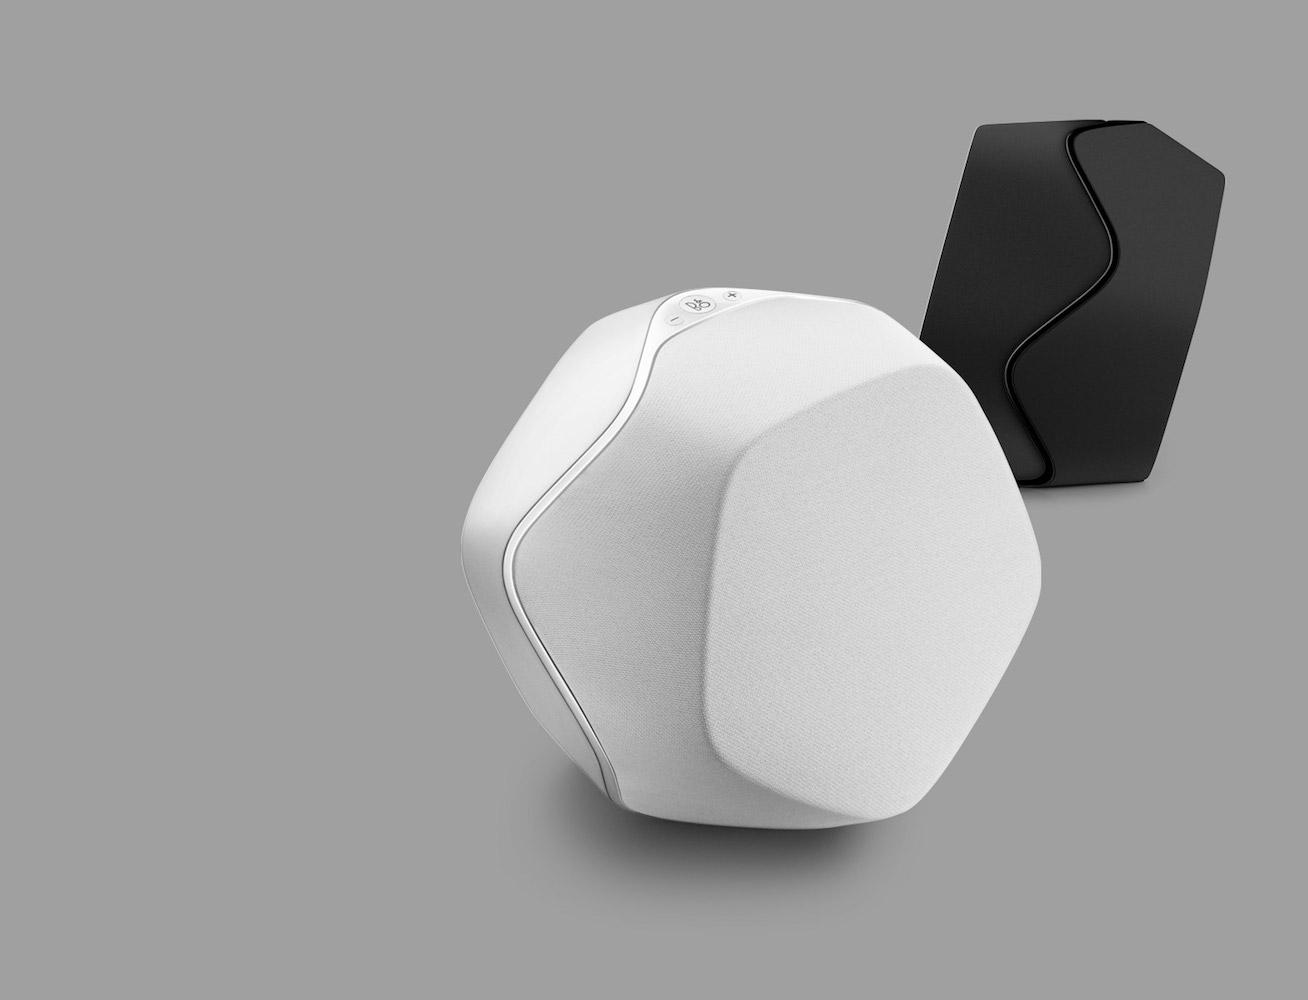 BeoPlay S3 Flexible Wireless Home Speaker